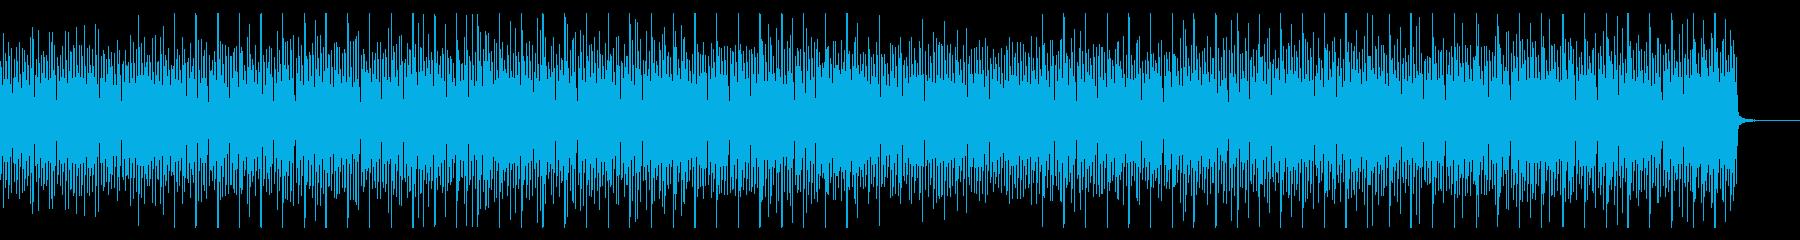 企業VPに!可愛いFuture Bassの再生済みの波形